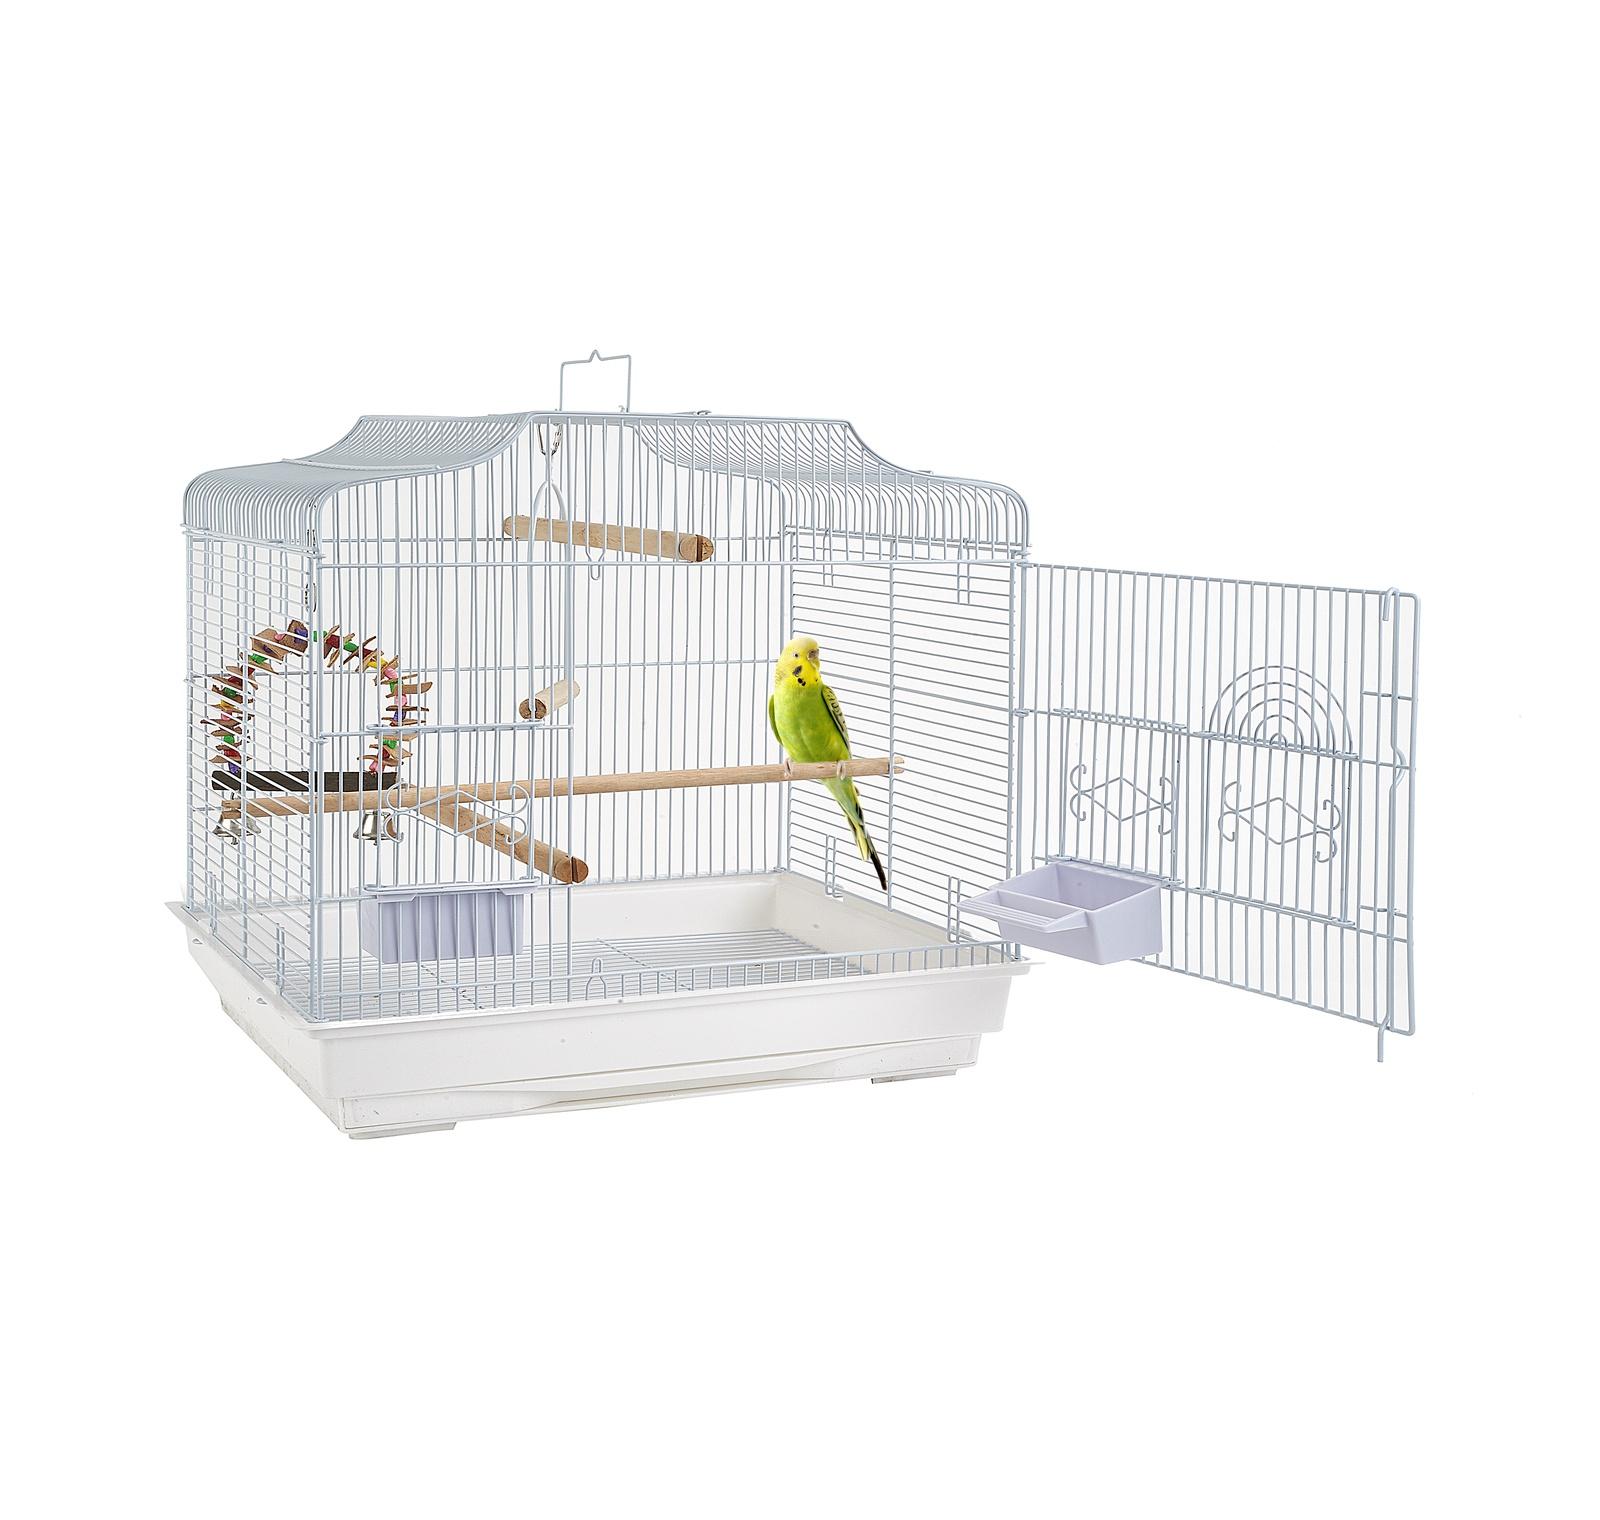 """клетка для мелких птиц sky rainforest """"puerto rica"""", 66х36х60см, белый (великобритания)"""